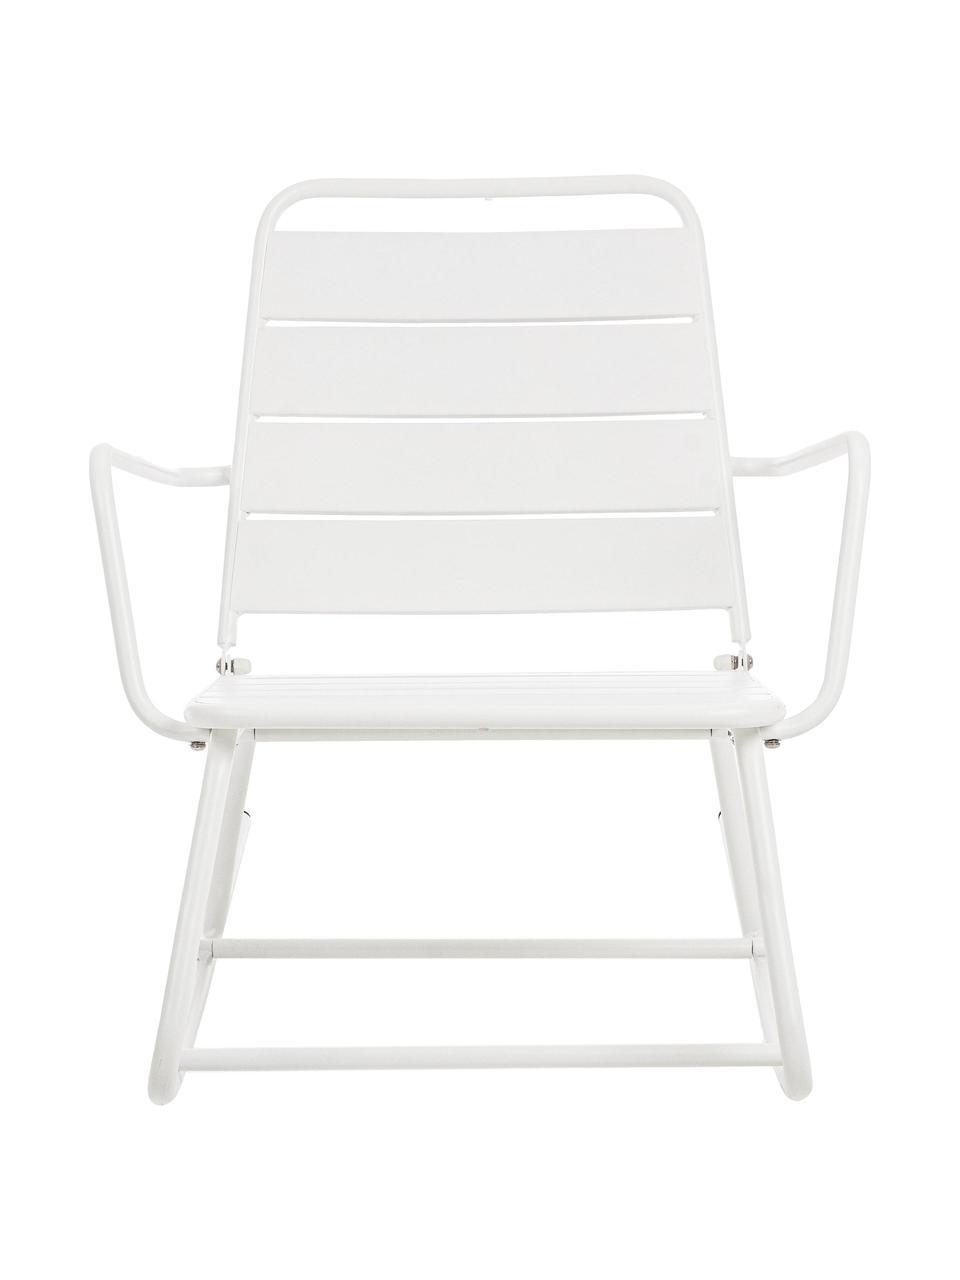 Fotel bujany ogrodowy Lillian, Stal malowana proszkowo, Biały, S 63 x W 74 cm